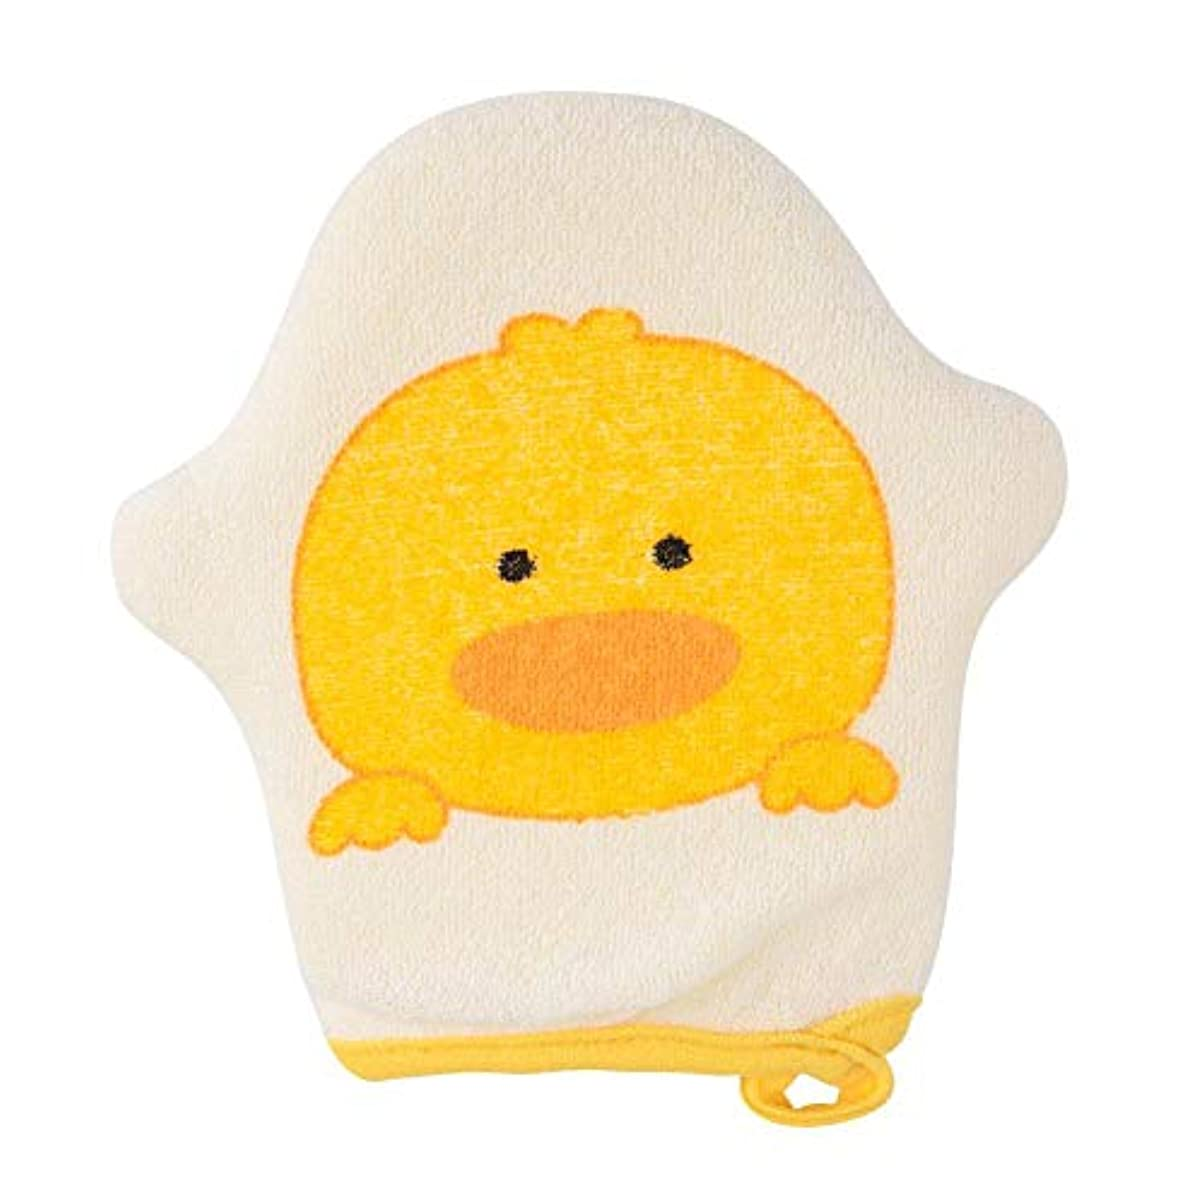 スーツケース織る愛情深いシャワースポンジ シャワー手袋 垢すり手袋 ボディースポンジ 浴用手袋 赤ちゃん ベビー 両面用 入浴用 シャワーブラシ 入浴用品 お風呂用 バス用品 柔らかい 動物柄 かわいい オシャレ(イエロー)